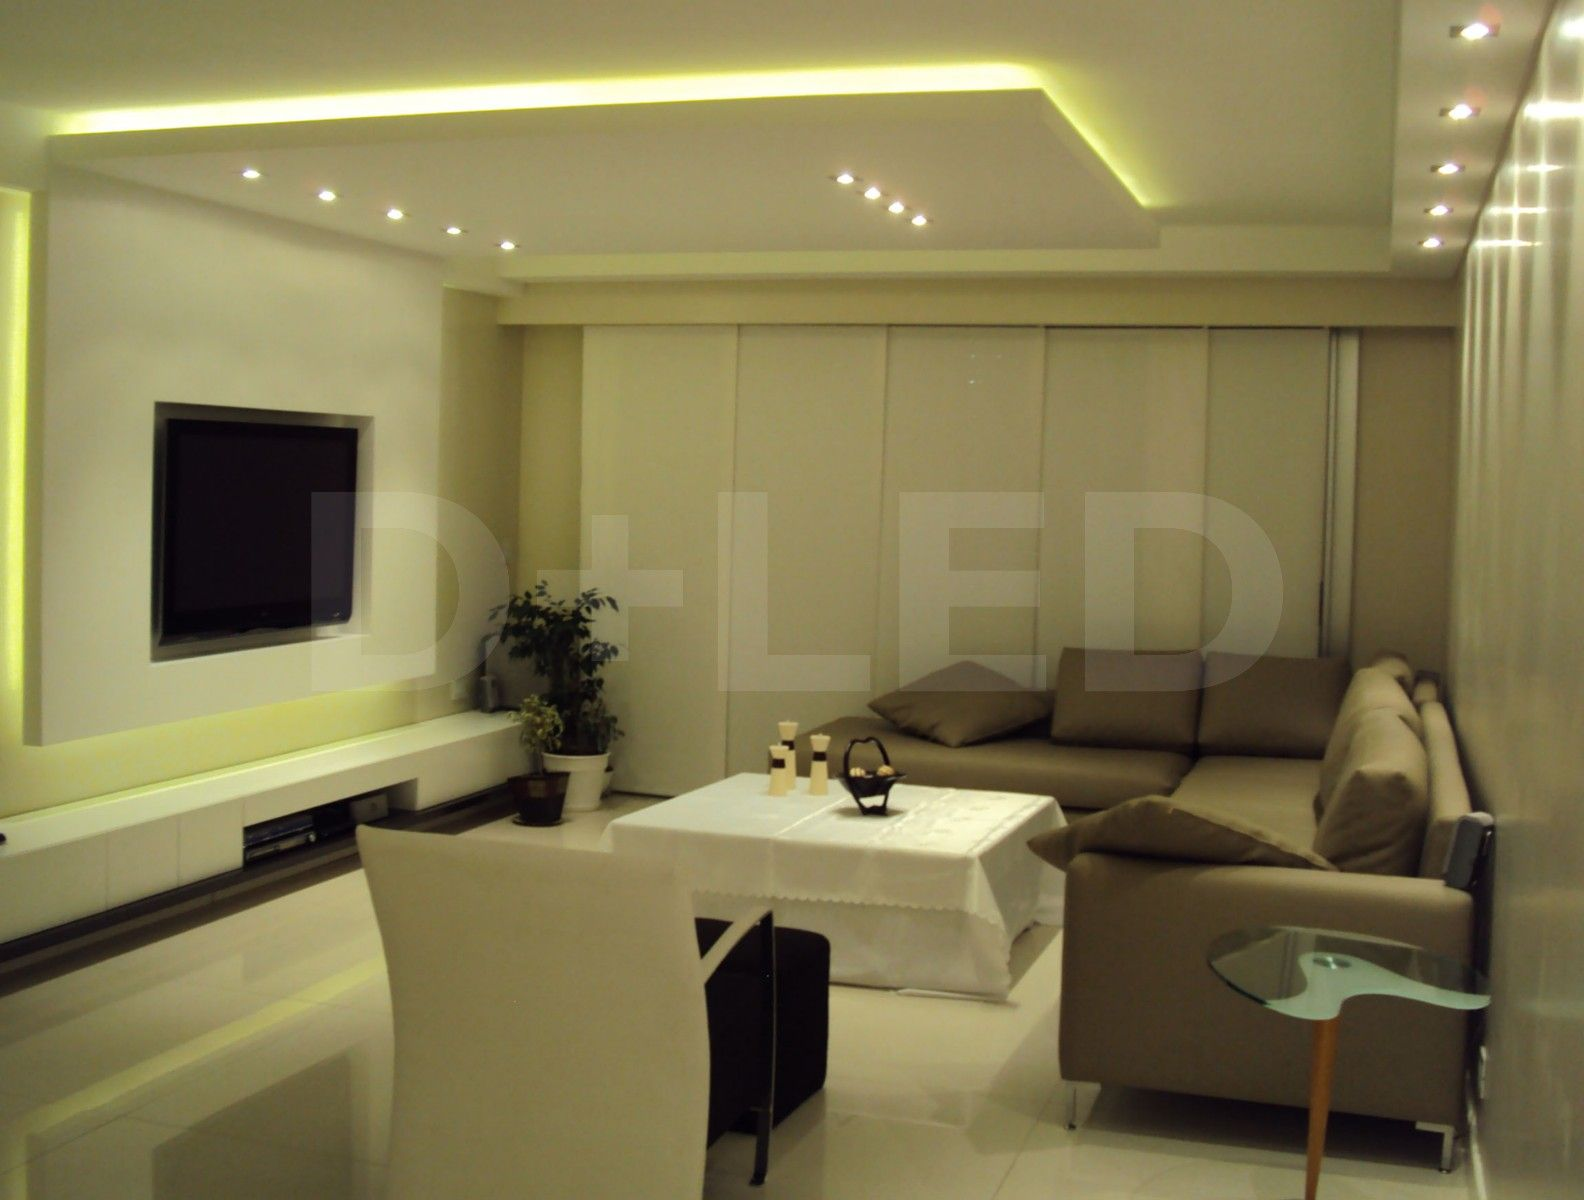 Aplicaciones de leds en demasled ilumina tus ideas - Iluminacion para techos bajos ...